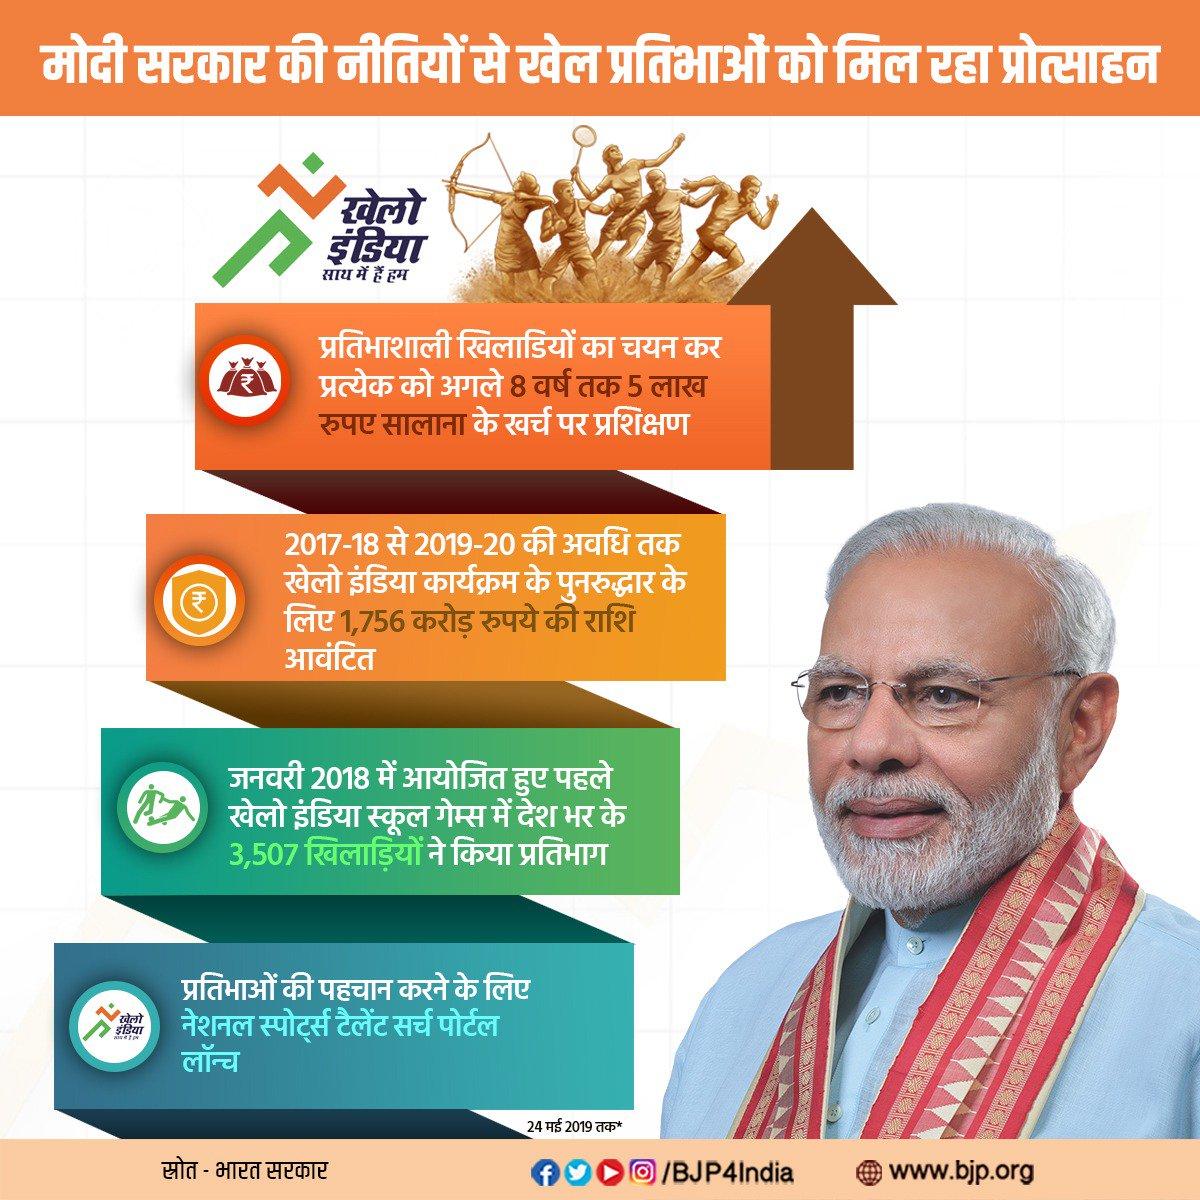 मोदी सरकार की नीतियों से खेल प्रतिभाओं को मिल रहा प्रोत्साहनप्रतिभाशाली खिलाड़ियों का चयन कर प्रत्येक को अगले 8 वर्ष तक 5 लाख रूपये सालाना के खर्च पर प्रशिक्षण दिया जाएगा।खेलो इंडिया कार्यक्रम के पुनरुद्धार के लिए 1,756 करोड़ रुपये की राशि आवंटित।